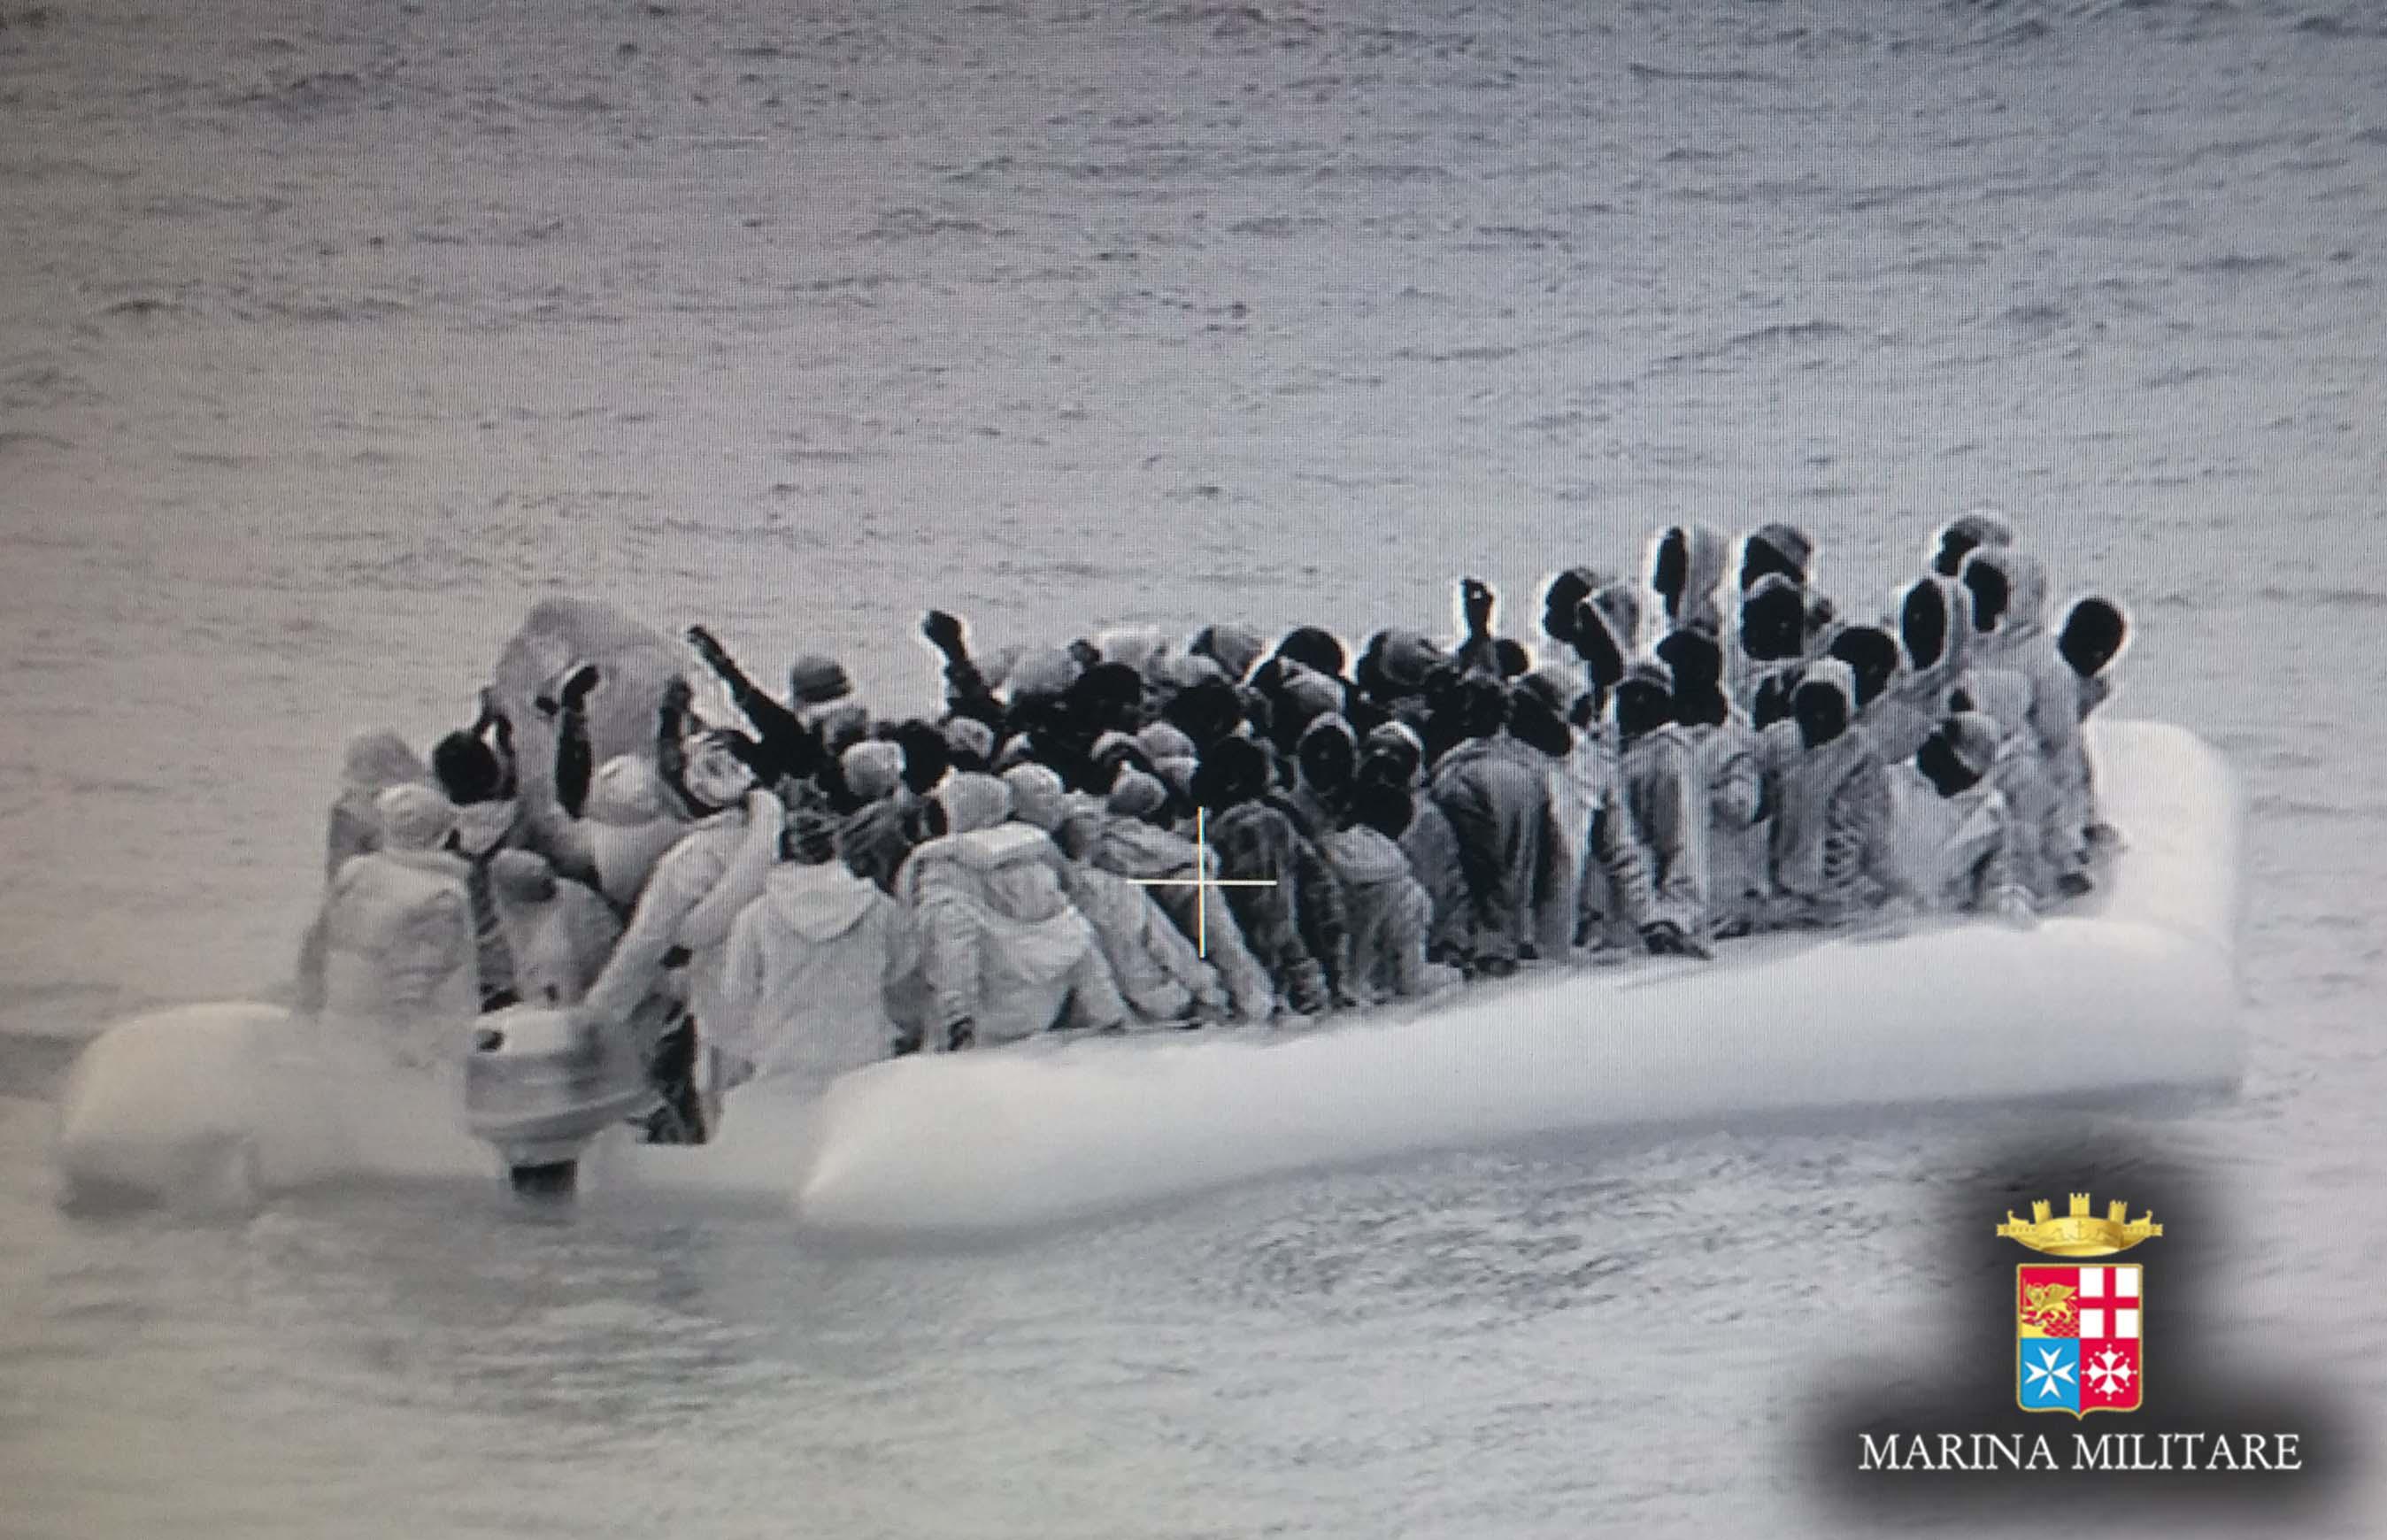 Sicilia, emergenza migranti: l'Aurelia sbarca ad Augusta e il M5S punta i fari su Razza e l'hotspot di Messina